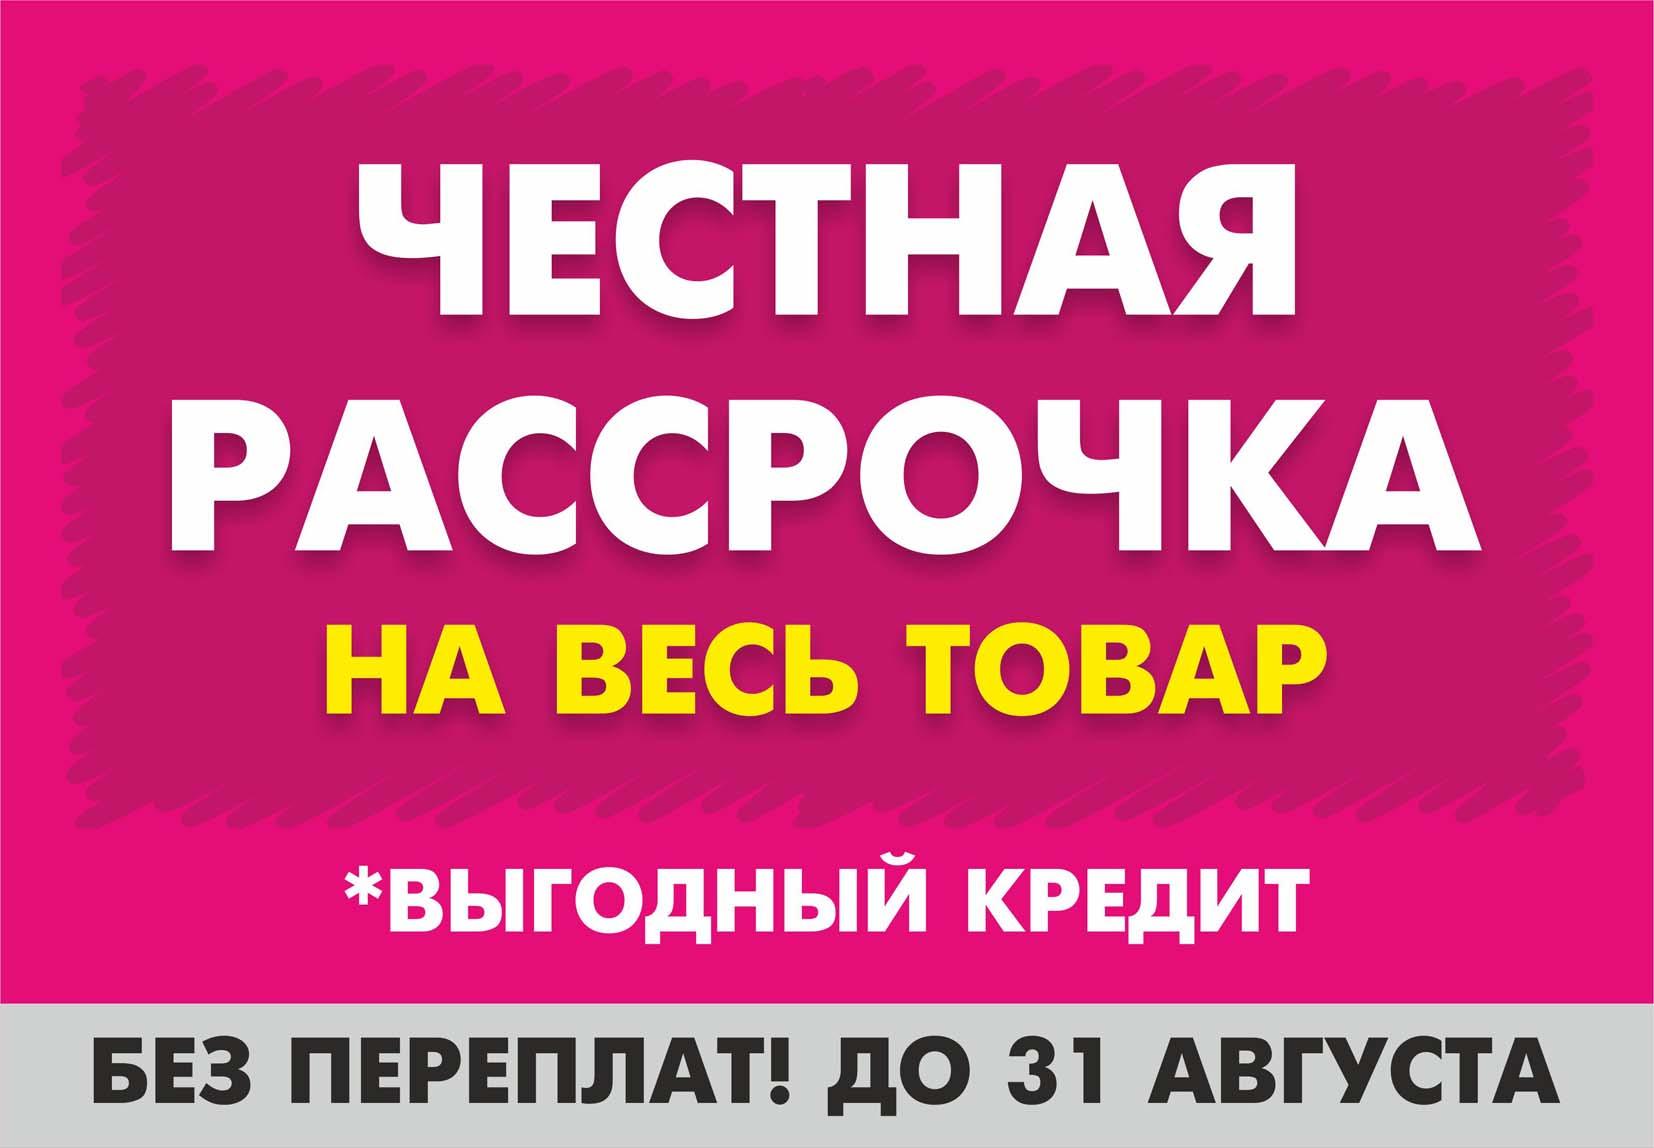 Гипермаркеты «DNS» в г.Анжеро-Судженск и г.Белово объявляют Честную  Рассрочку платежа без переплат на ЛЮБОЙ ТОВАР!  b87221bb1f5